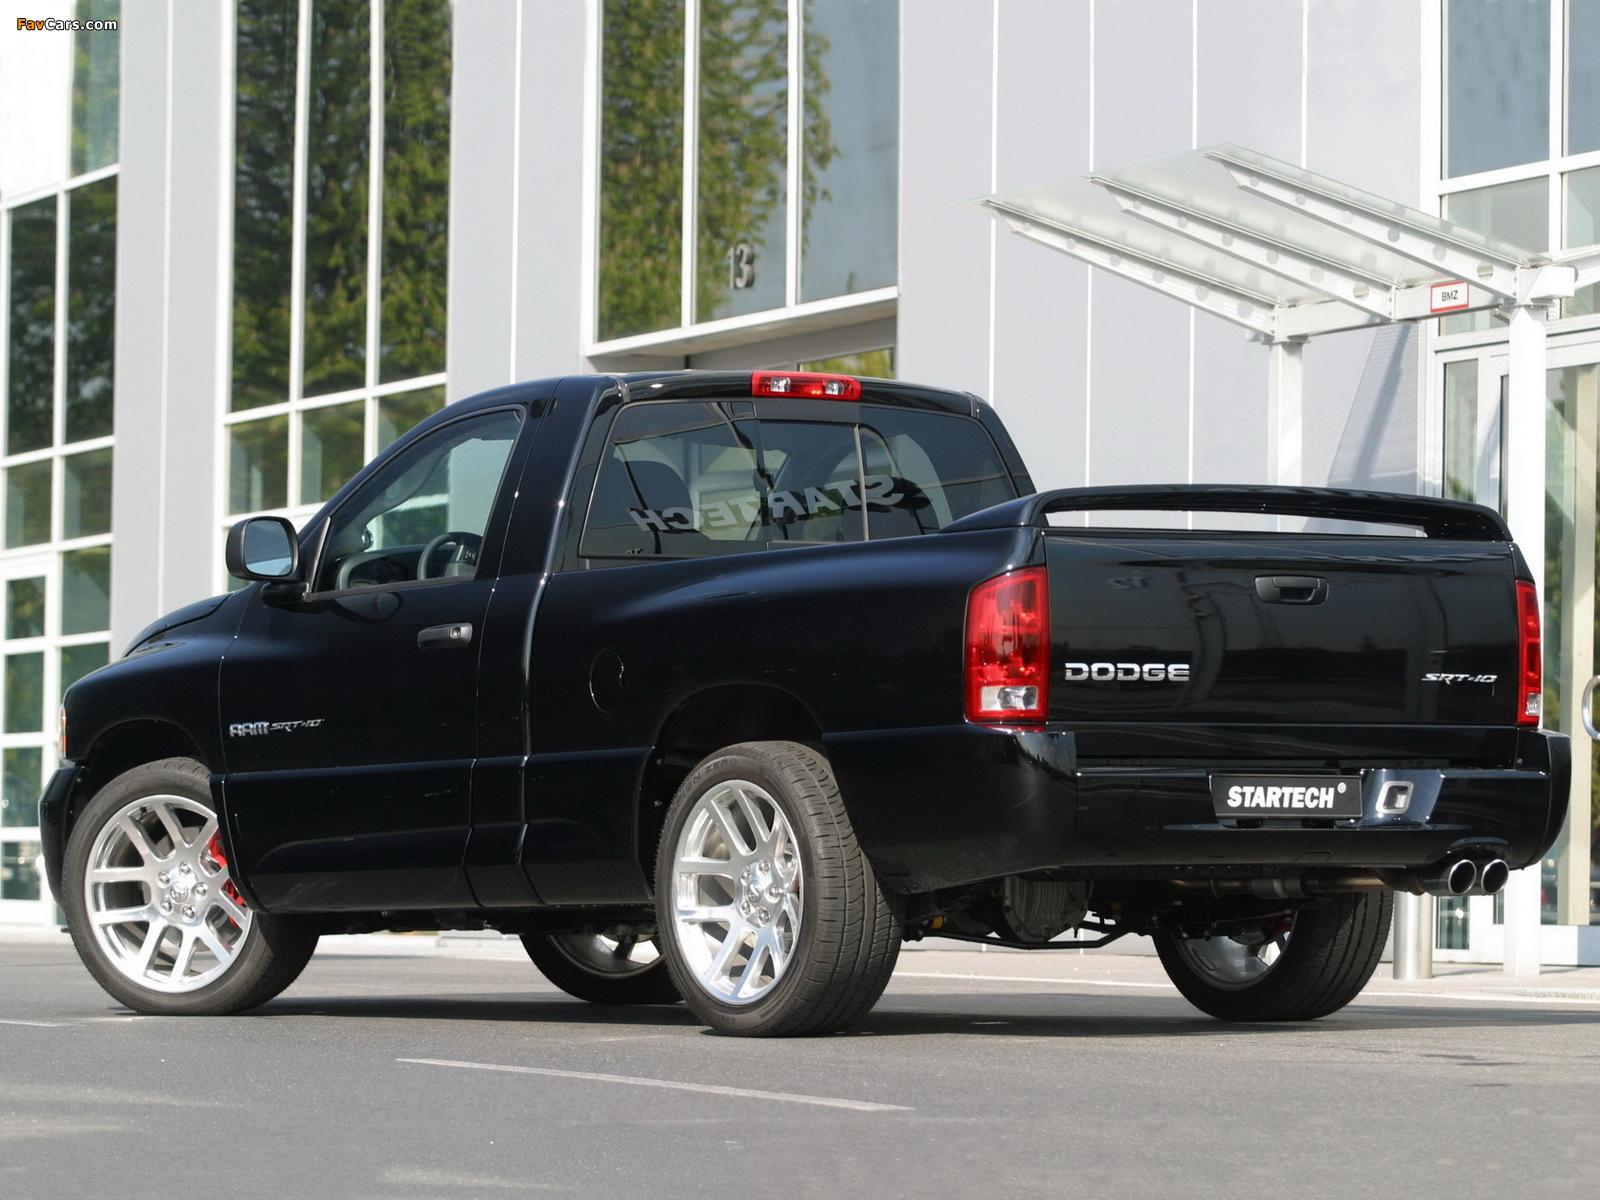 Startech Dodge Ram SRT10 images (1600 x 1200)